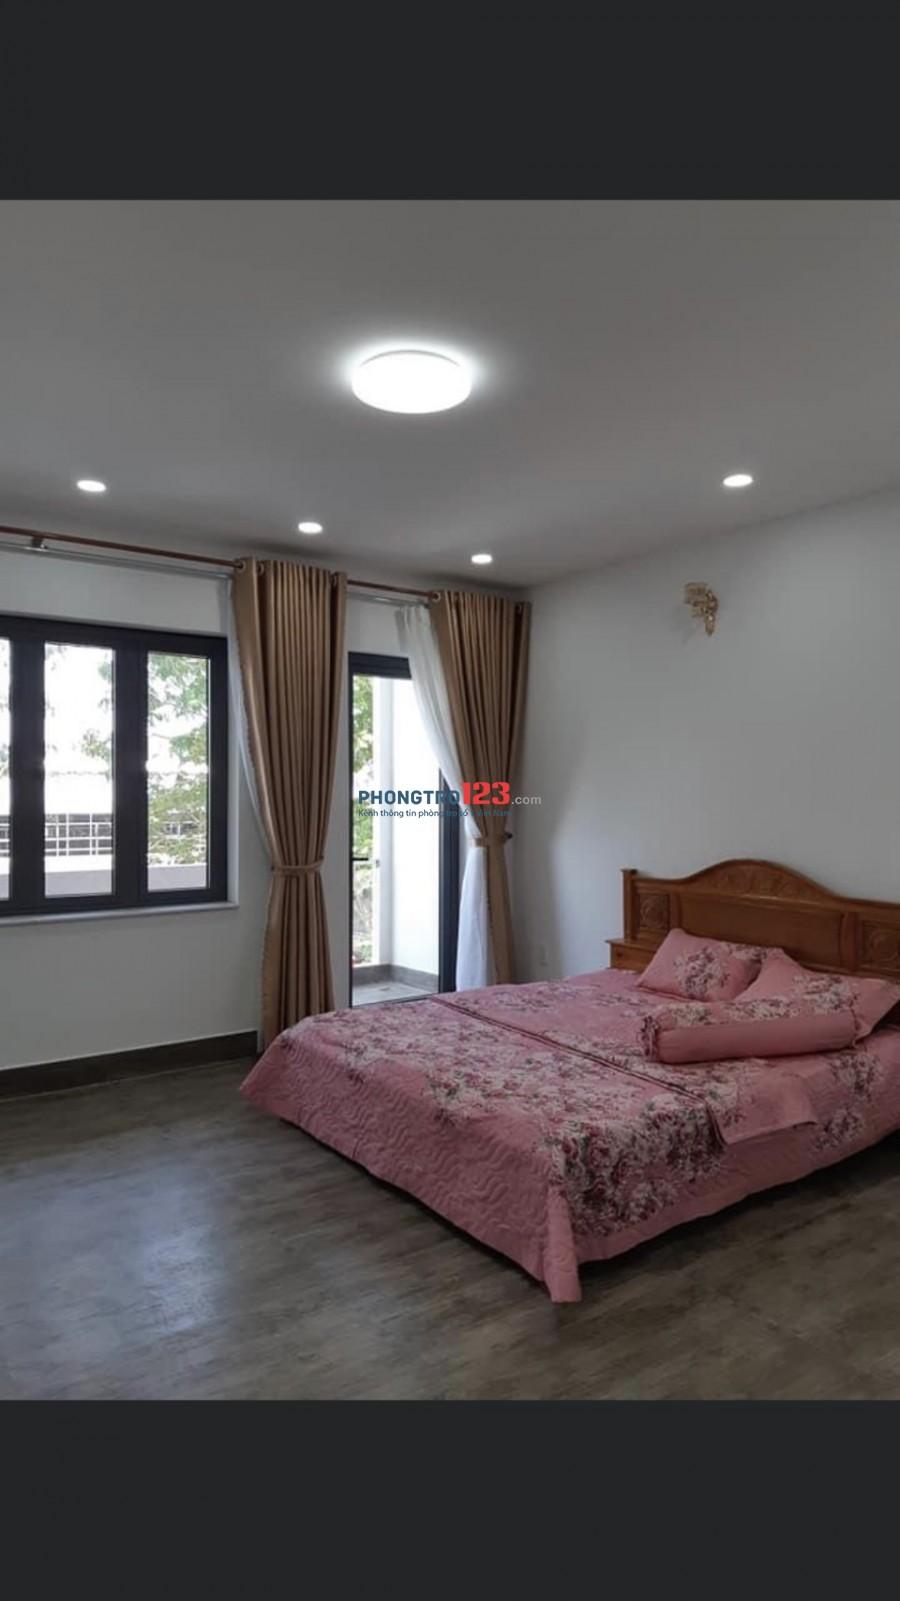 Cho thuê nhà mới nguyên căn 1 trệt 4 lầu có nội thất HXH 1056 Hà Huy Giáp P Thạnh Lộc Q12